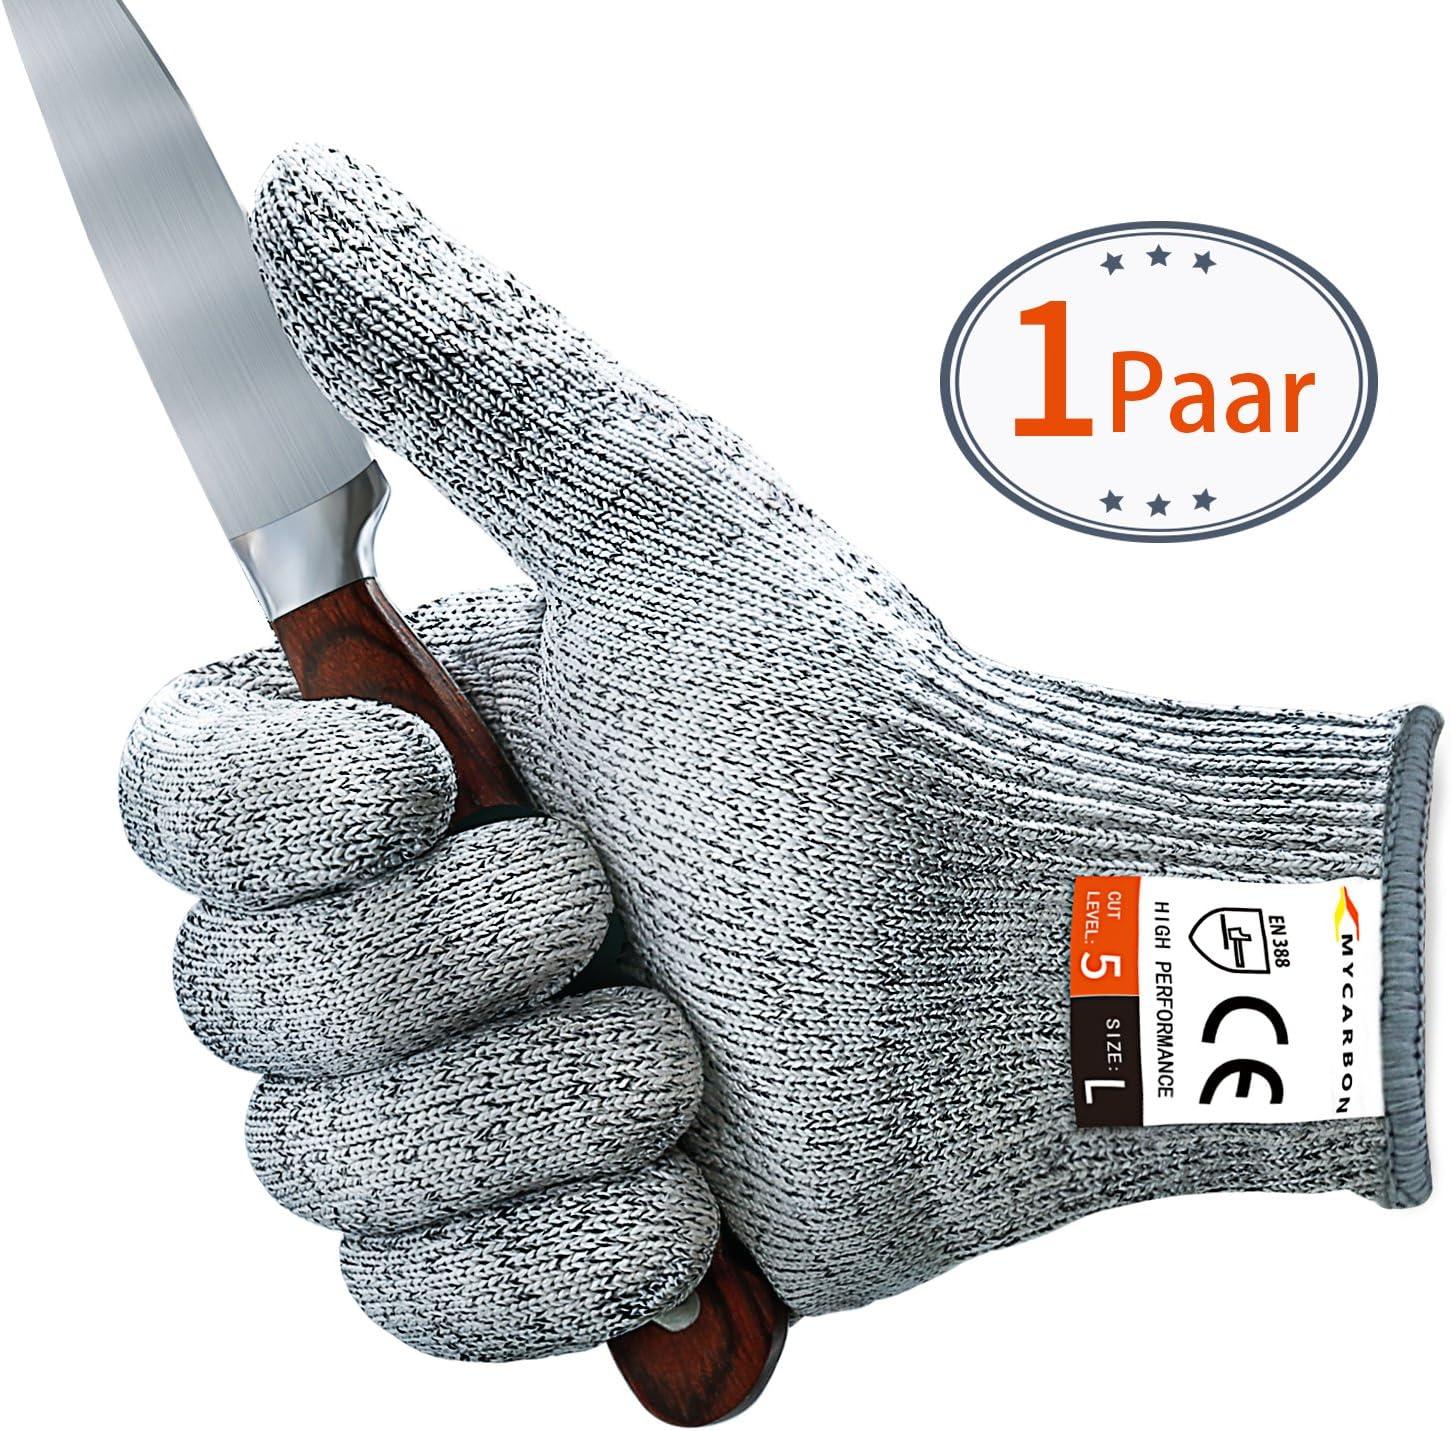 MYCARBON Paire de Gants Anti Coupures Gants de Cuisine Maniques R/ésistant Durable Anti-abraison et Homologu/é pour Aliment,Protection de Niveau 5 Conforme /à la Norme en 388 L/ég/ère Antid/érapant